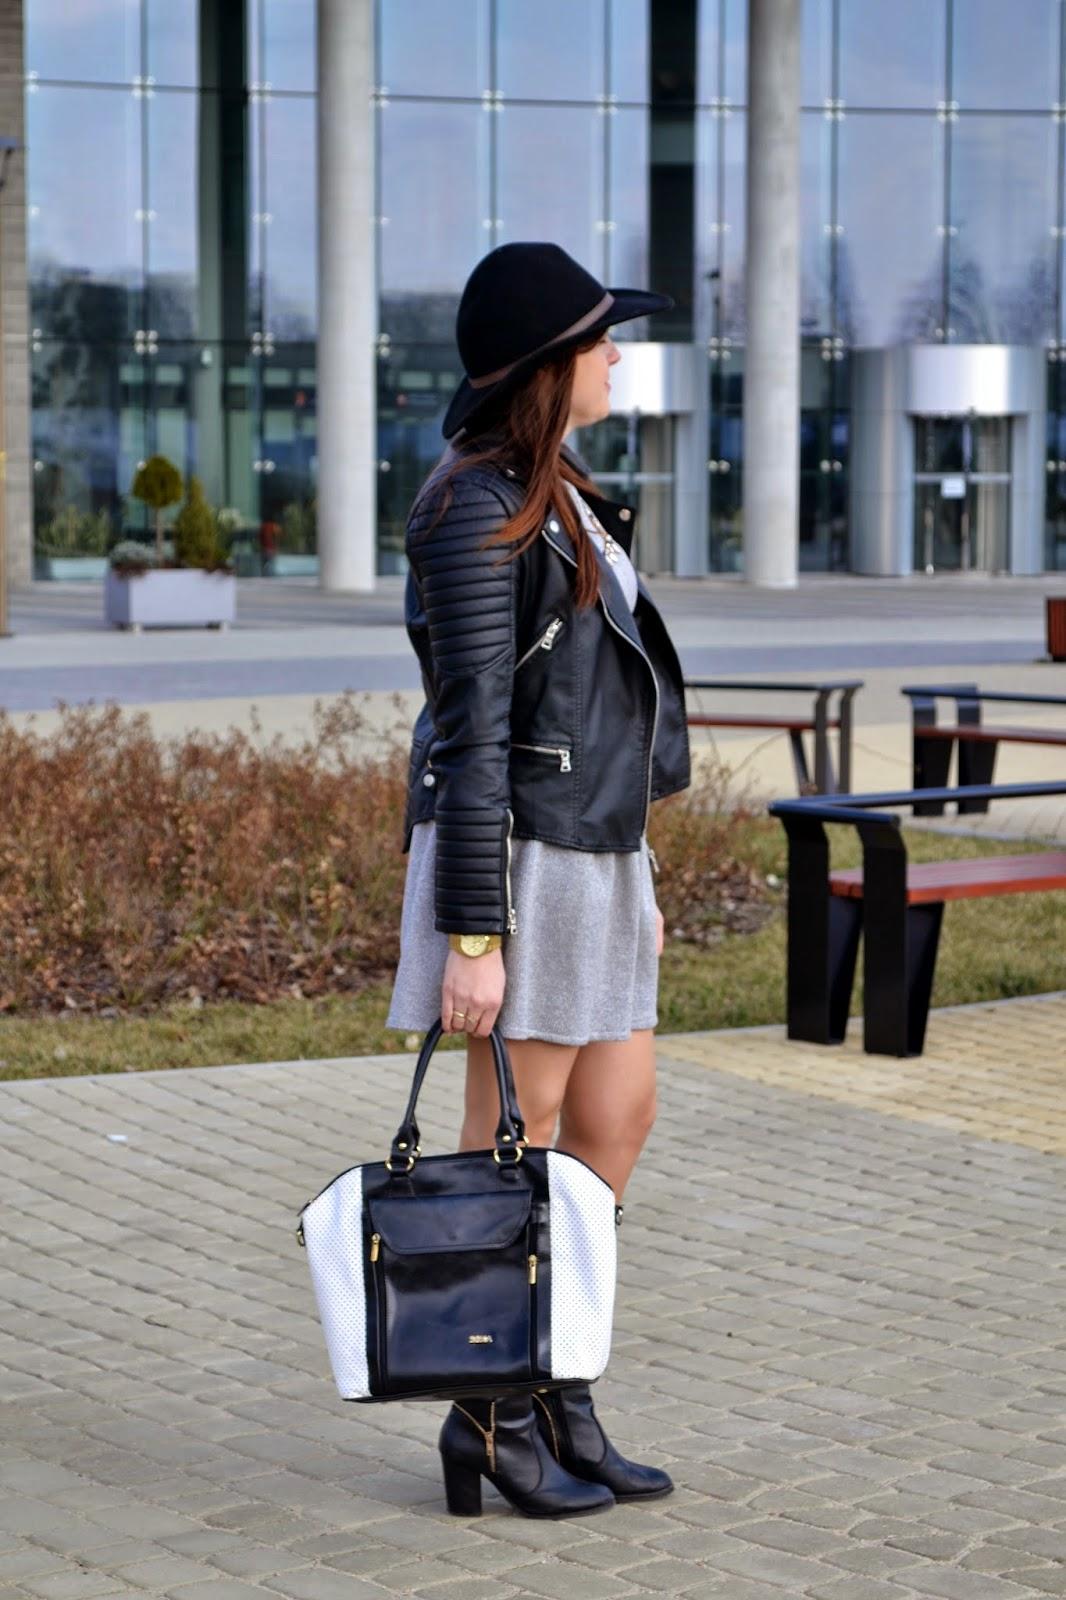 czarna ramoneska, pikowana kurtka, kurtka z przeszyciami, czarny kapelusz, botki czasnabuty, Elegencki zestaw, stylizacja rock